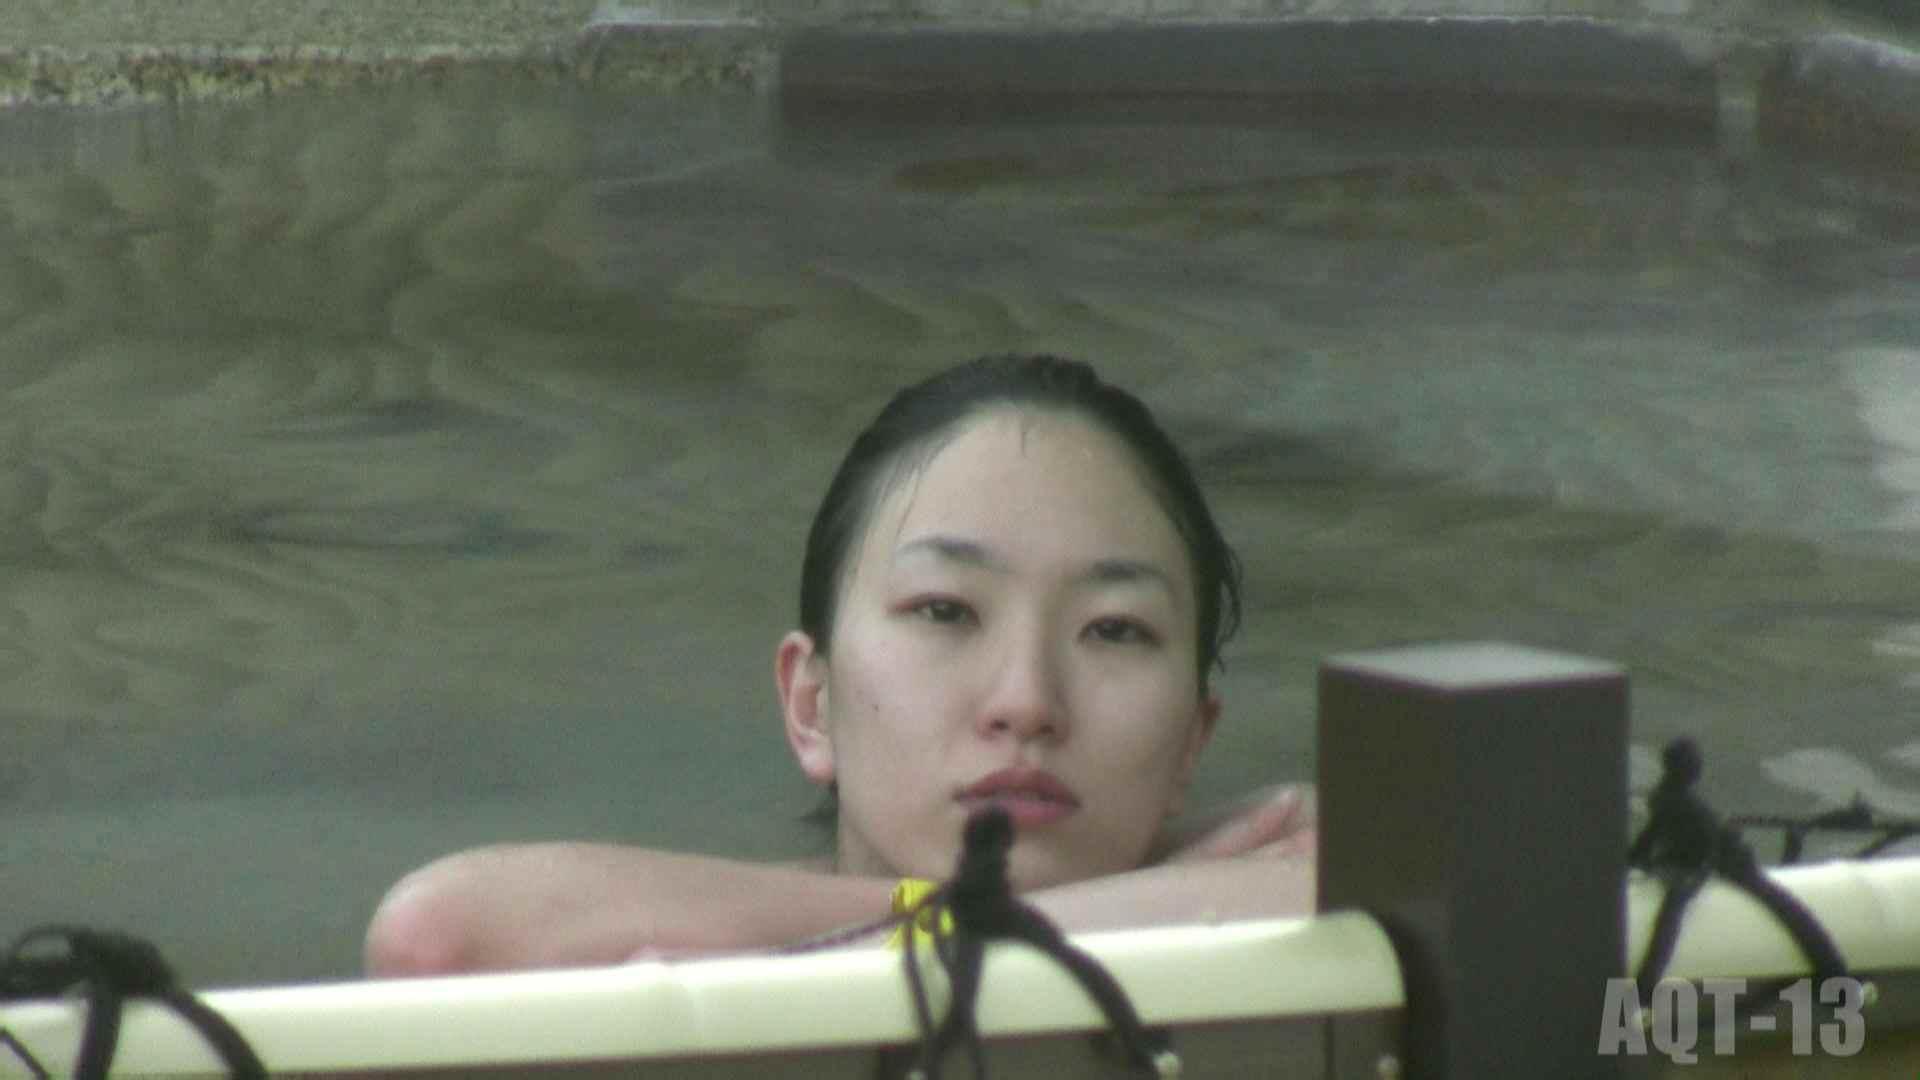 Aquaな露天風呂Vol.818 盗撮  79枚 21